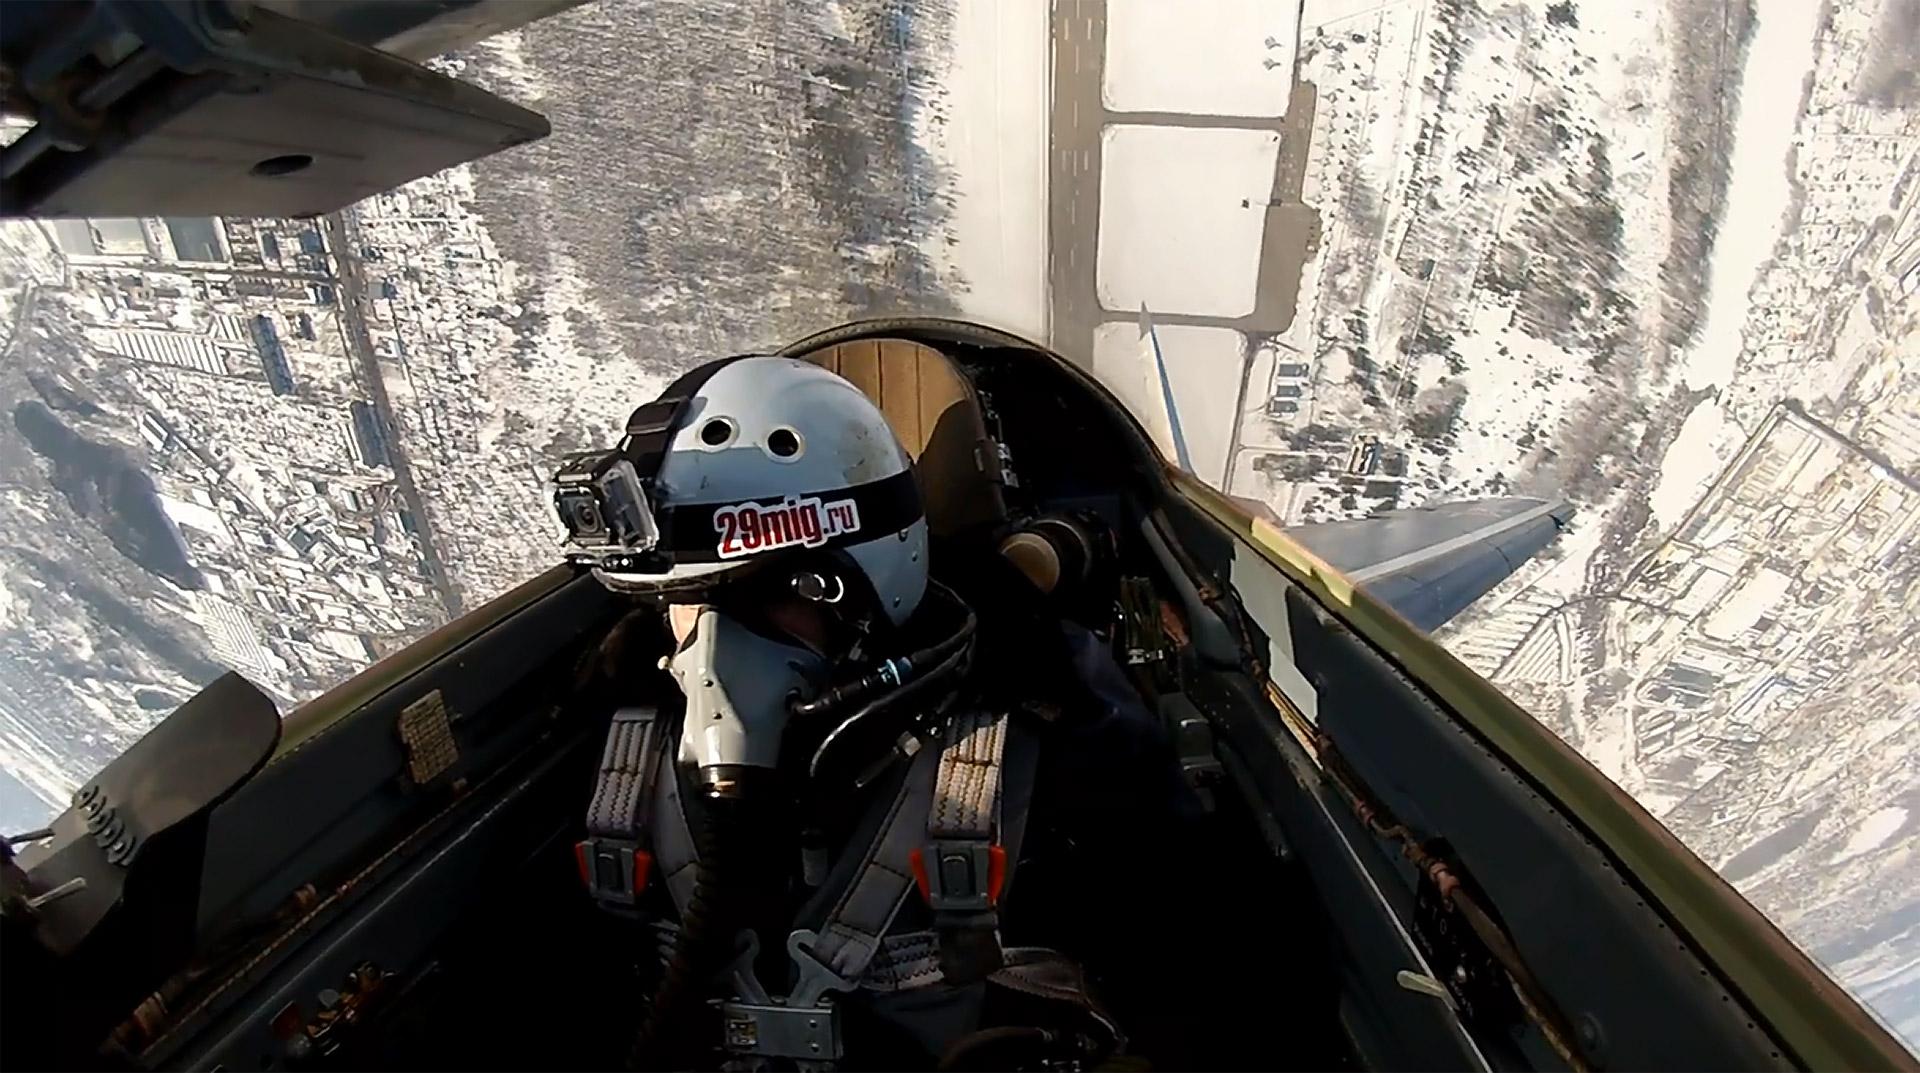 vol acrobatique en mig-29